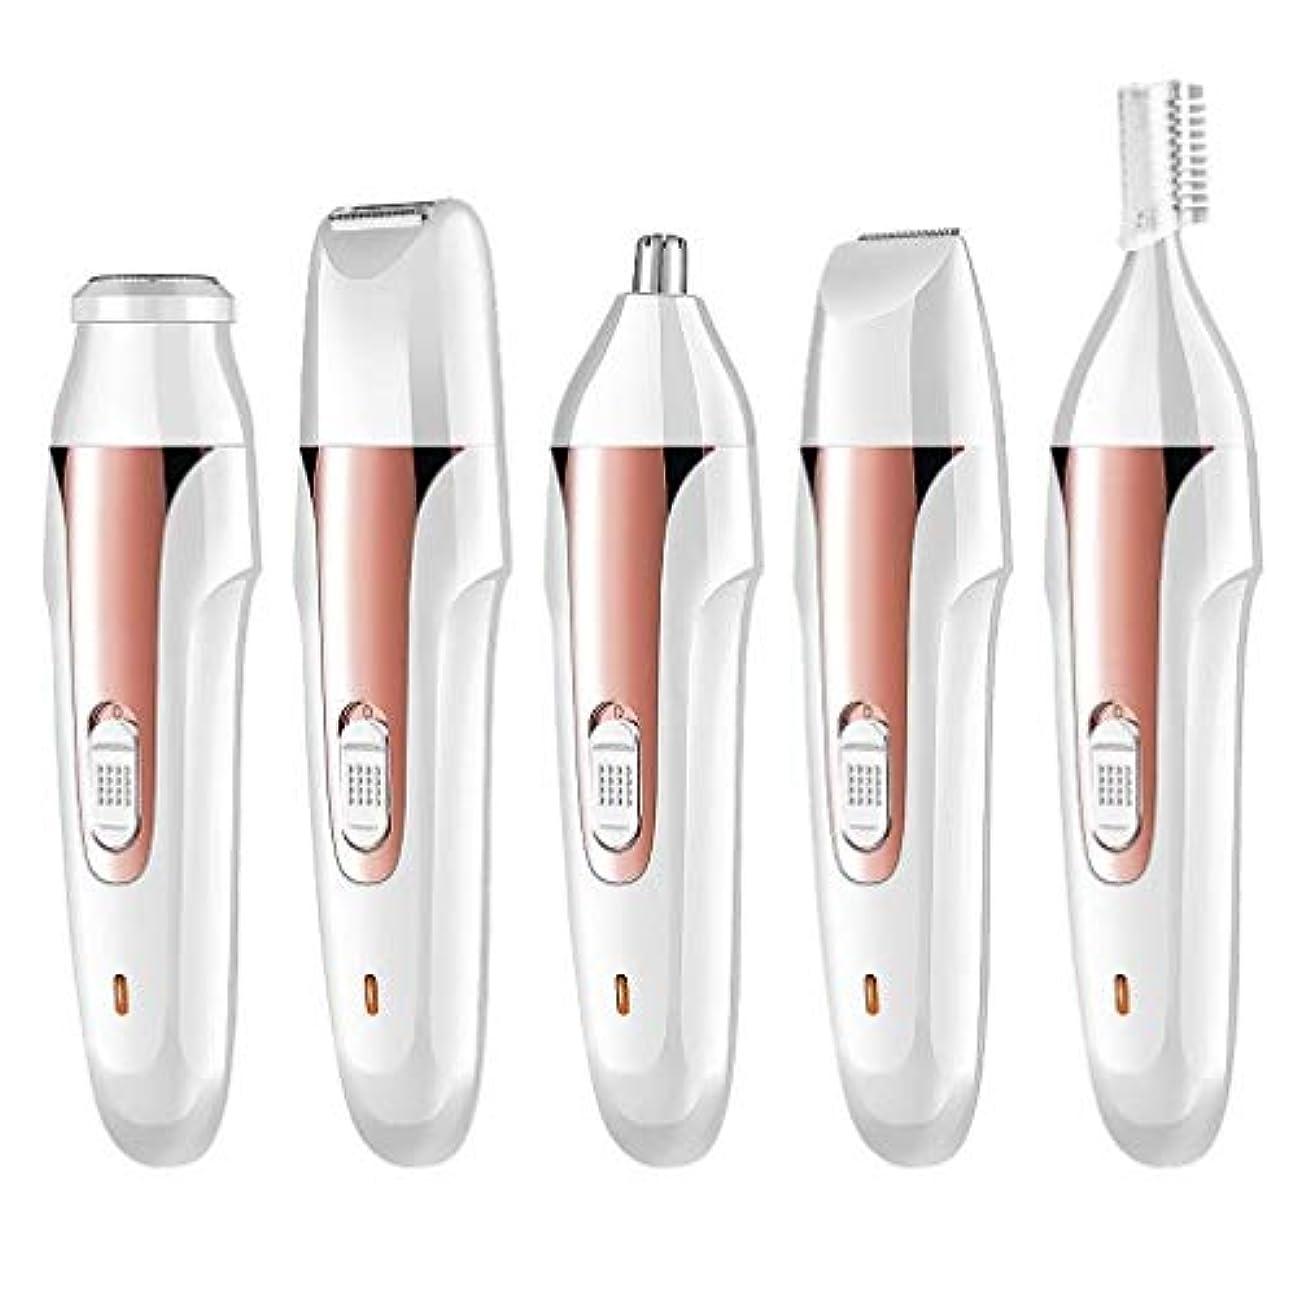 ユーザースイス人快適ポータブル鼻毛トリマー - 電動脱毛器具、USB充電器、多機能5つ1つ、眉毛形削りナイフ、ユニセックス (Color : 1)